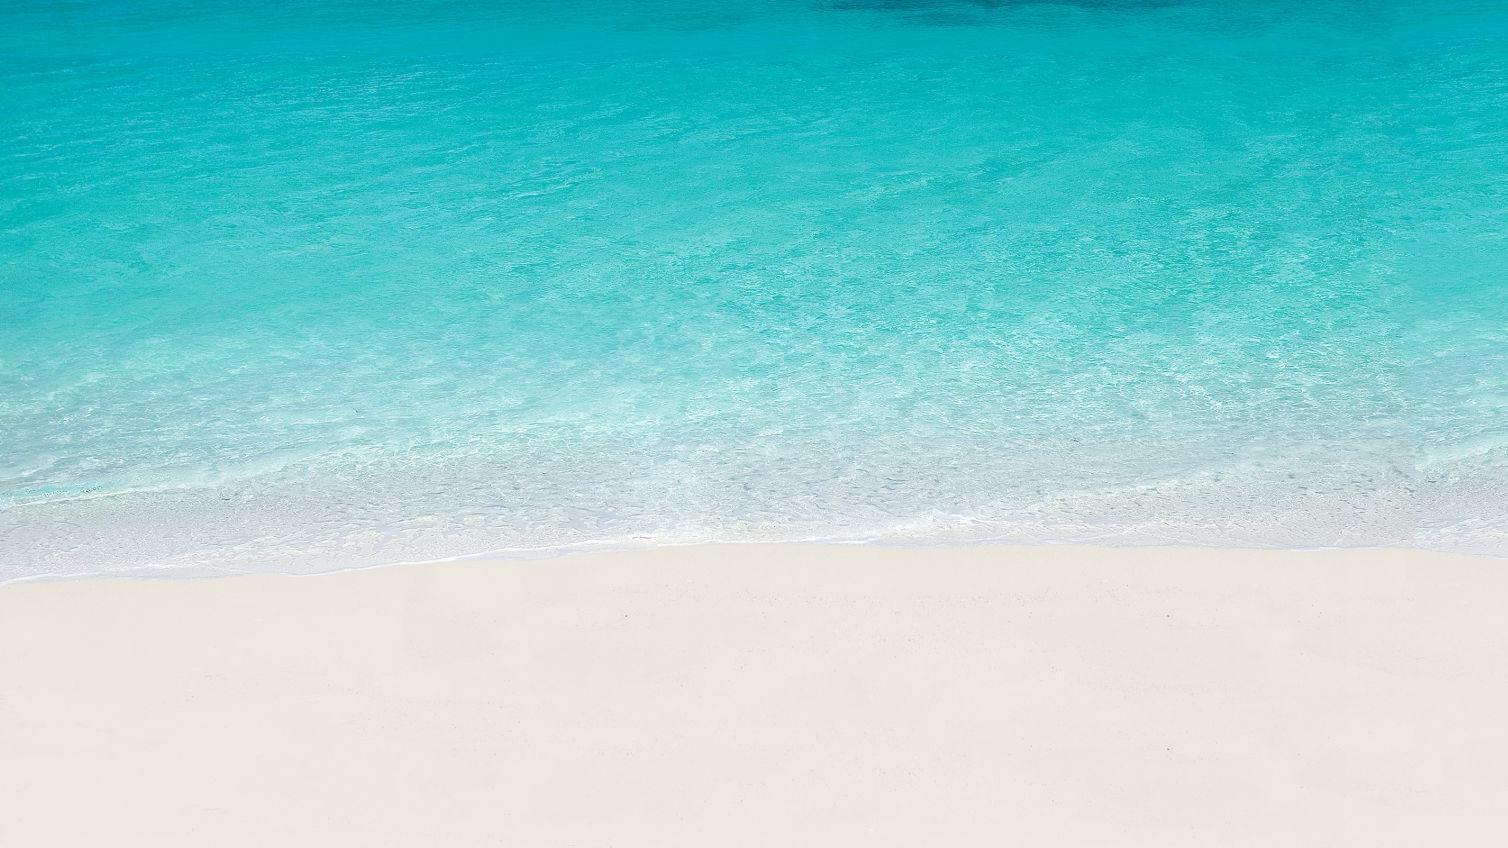 """Sprung zu Ankerpunkt #home-below. Key Visal von Trauminsel Reisen, Strand von Constance Tsarabanjina, Madagaskar, Weißer Sand und Türkises MeerLogo: """"Trauminsel Reisen - Nothing compares."""""""